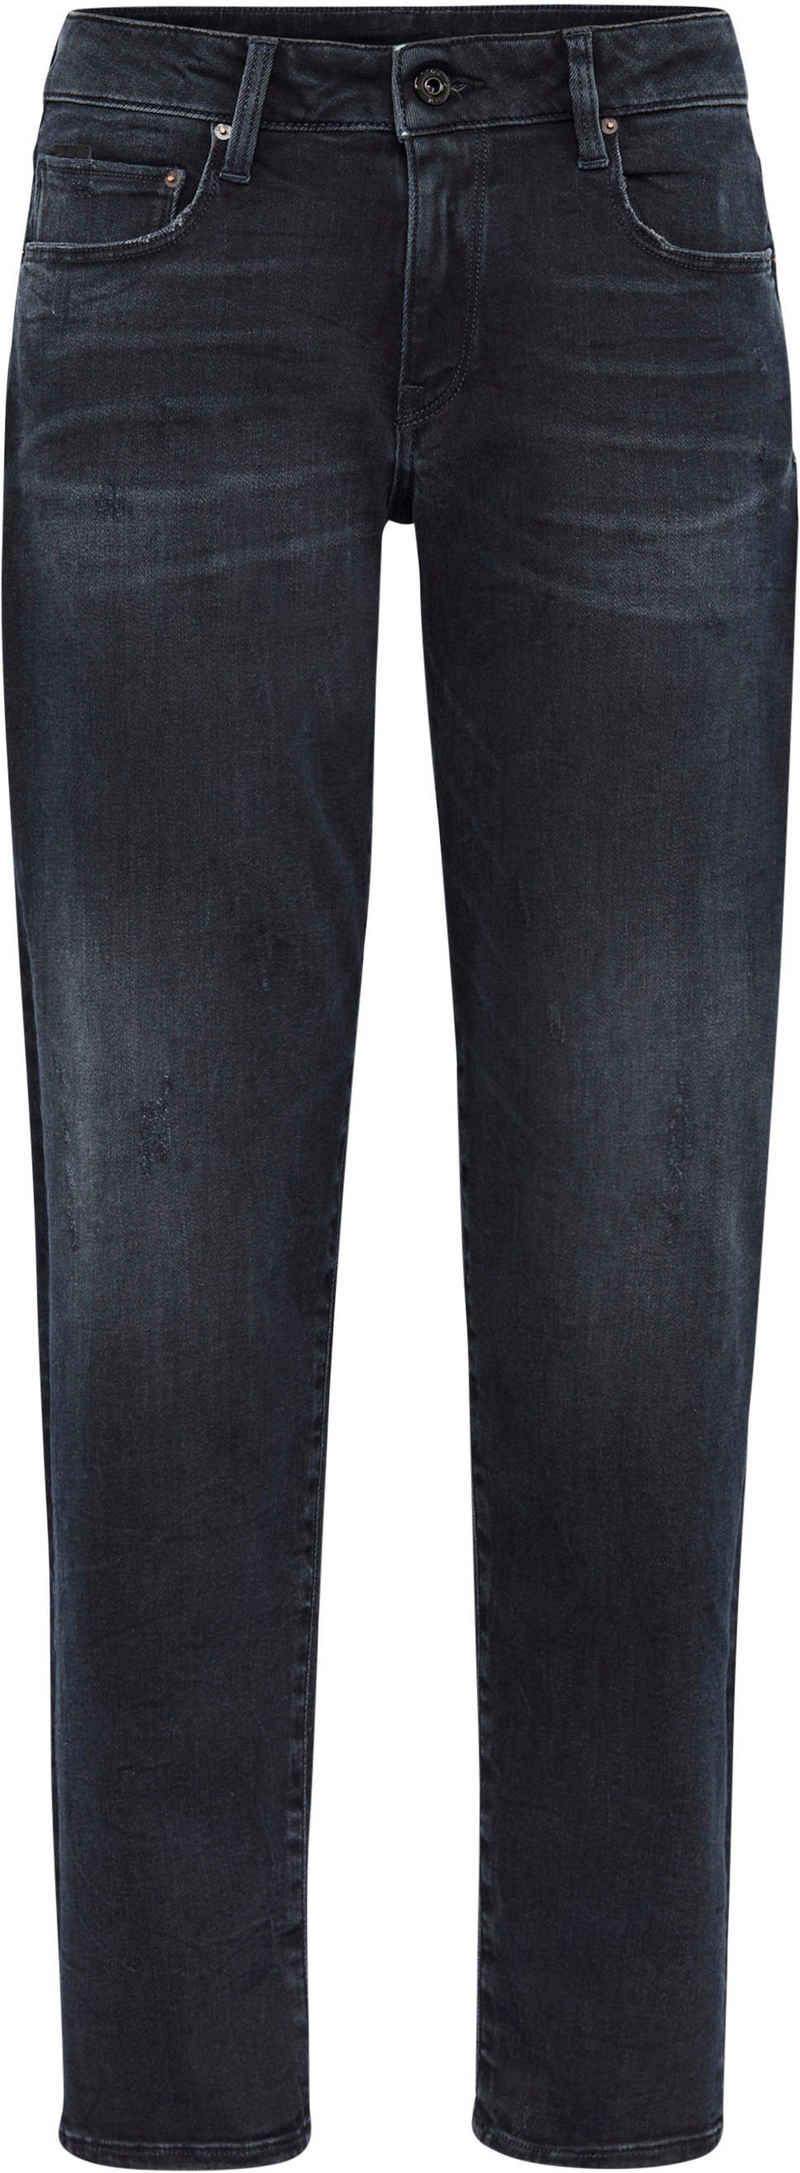 G-Star RAW Boyfriend-Jeans »Kate Boyfriend« mit authentischer Used Waschung und Destroyed Effekten